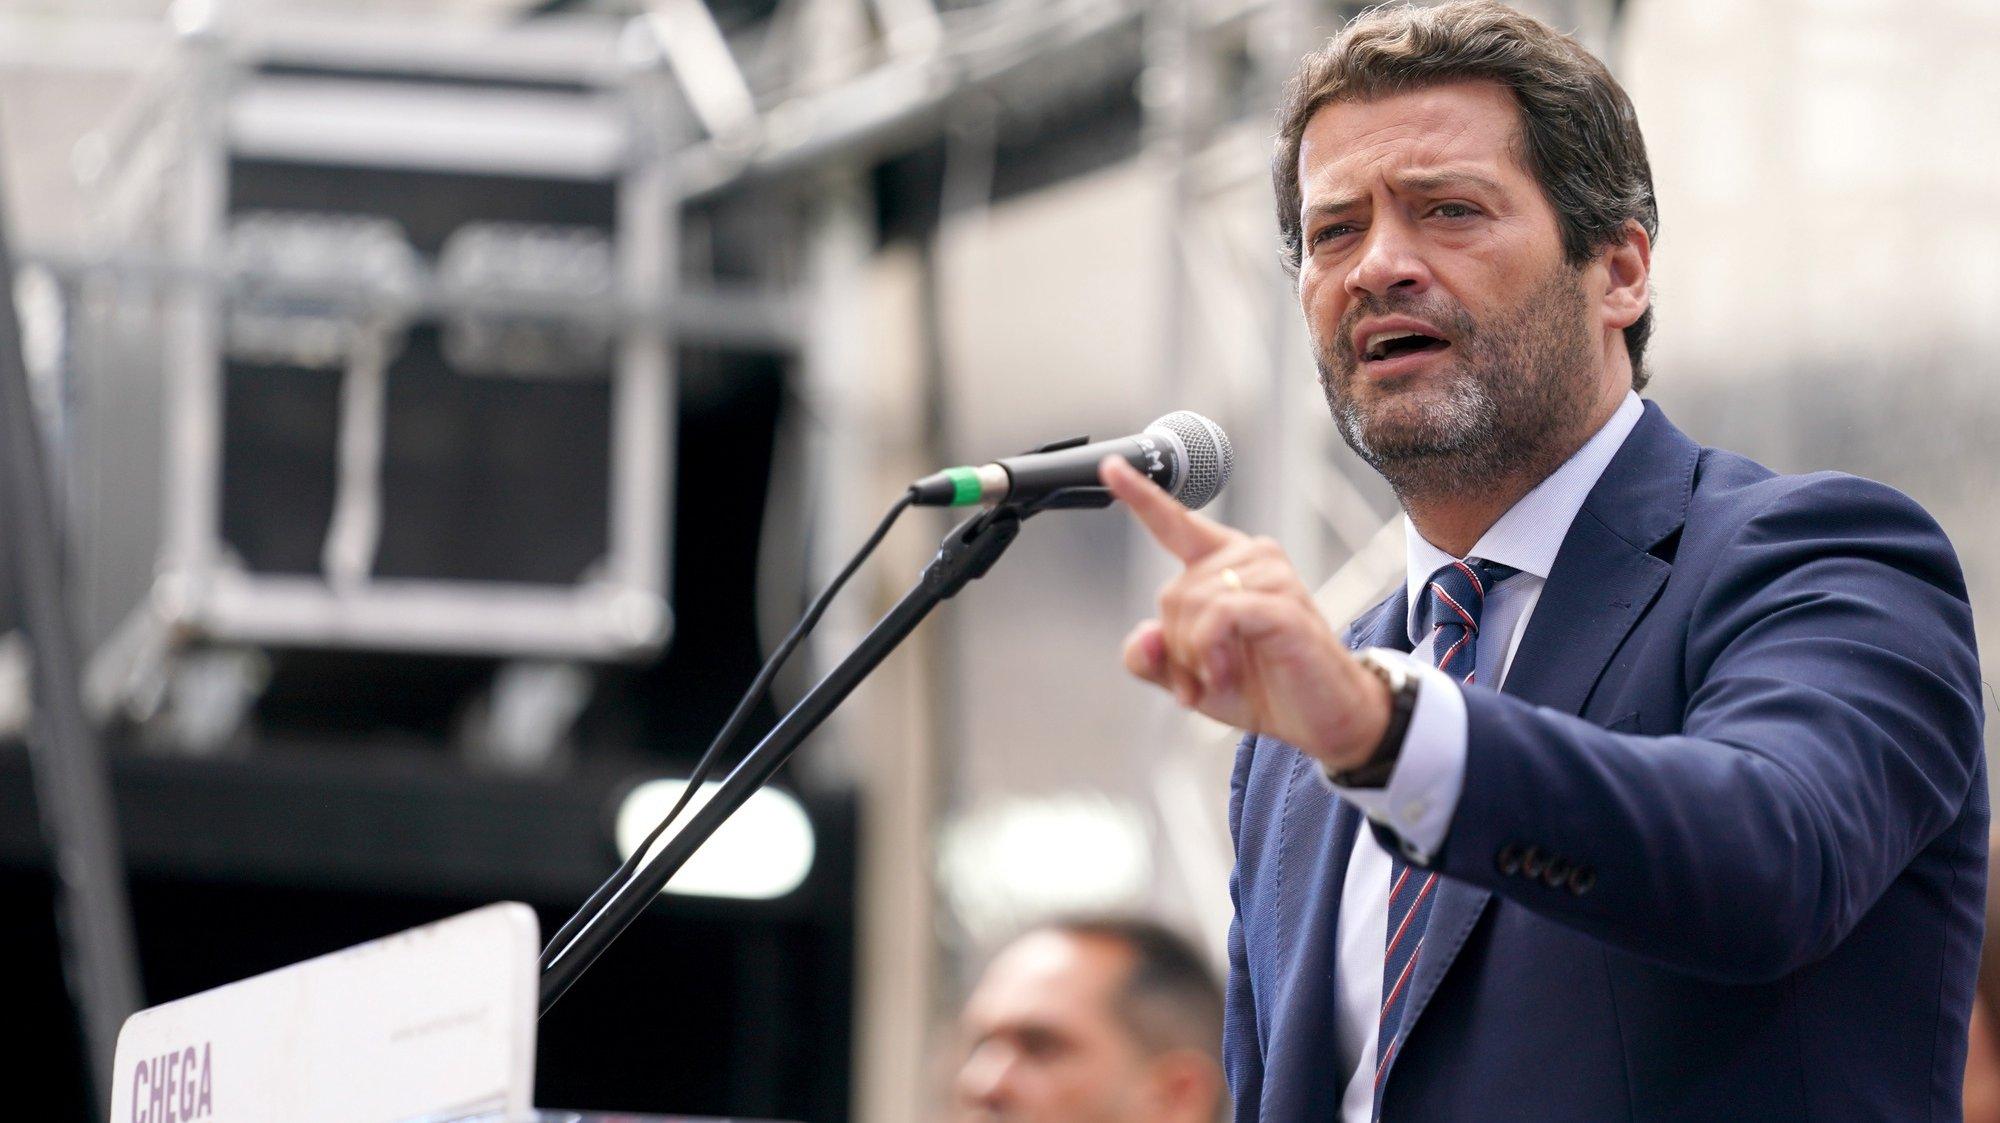 O presidente do Chega, André Ventura, discursa durante o comício de apresentação da candidatura de Eugénia Santos à Câmara Municipal de Braga no âmbito da campanha para as eleições autárquicas, Braga, 15 de setembro de 2021. HUGO DELGADO/LUSA